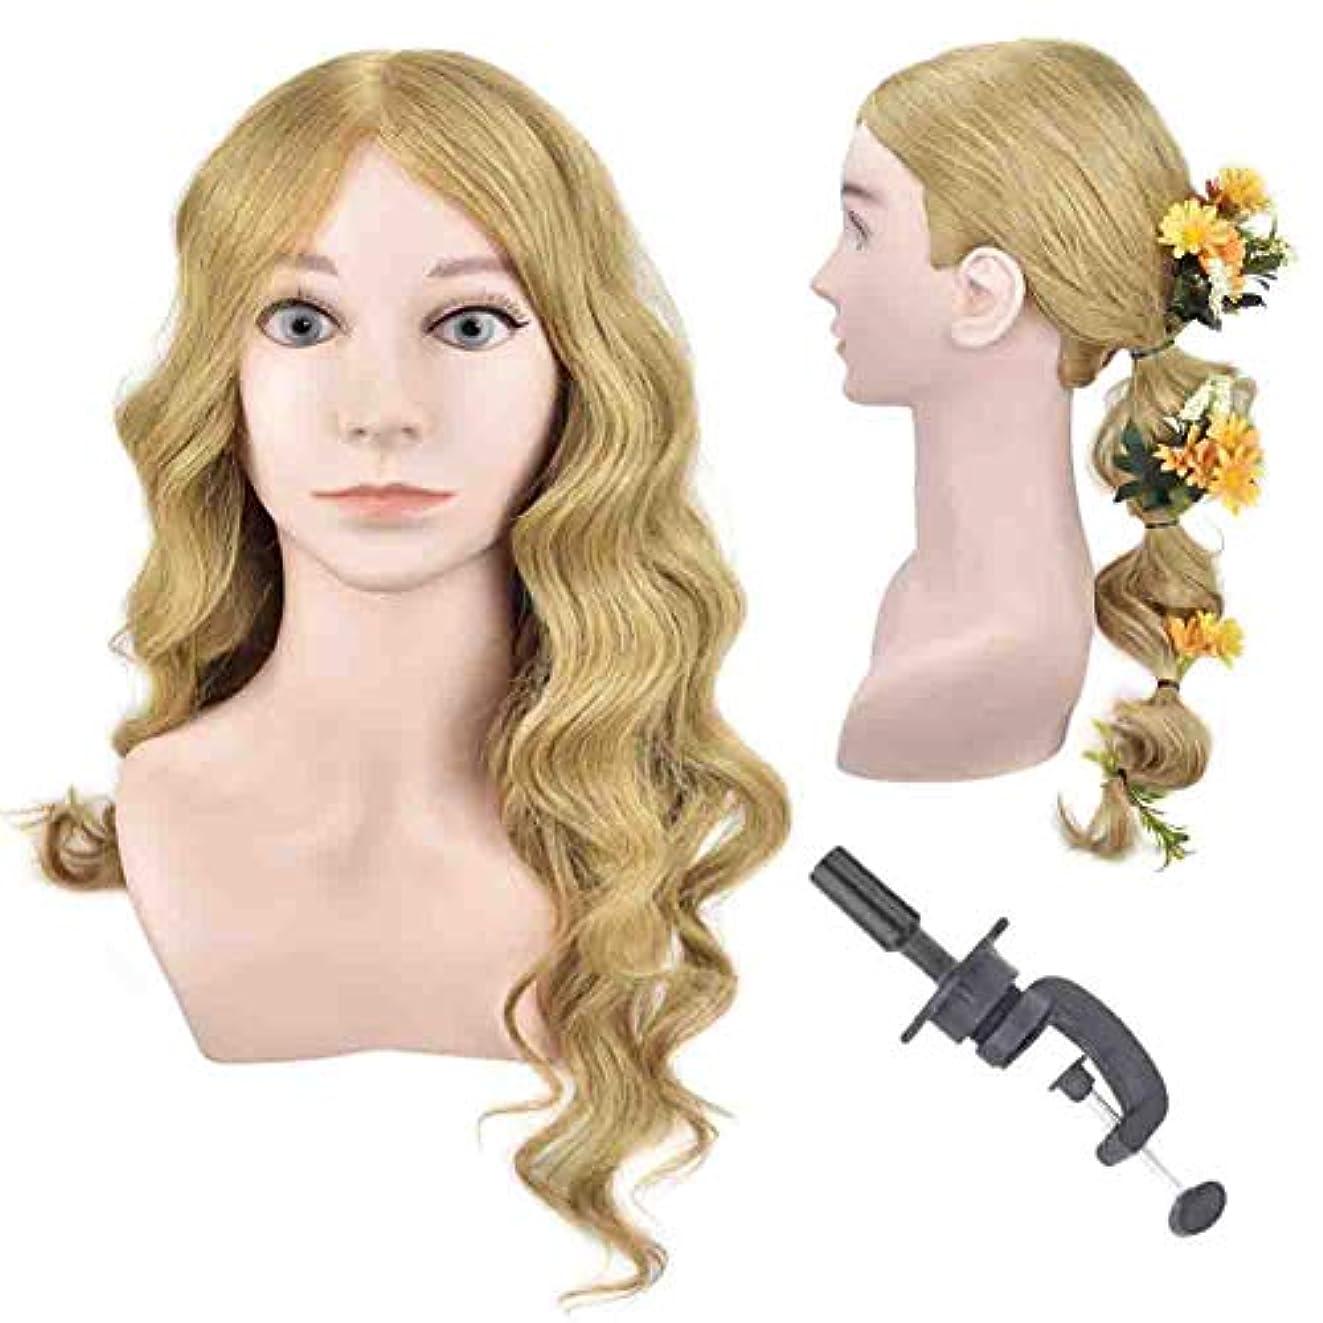 バンドル石ばかげている編んだ髪のヘッドモデル本物の人間の髪のスタイルの学習モデルヘッドサロンの学習は熱いと染めた髪のダミーの頭にすることができます